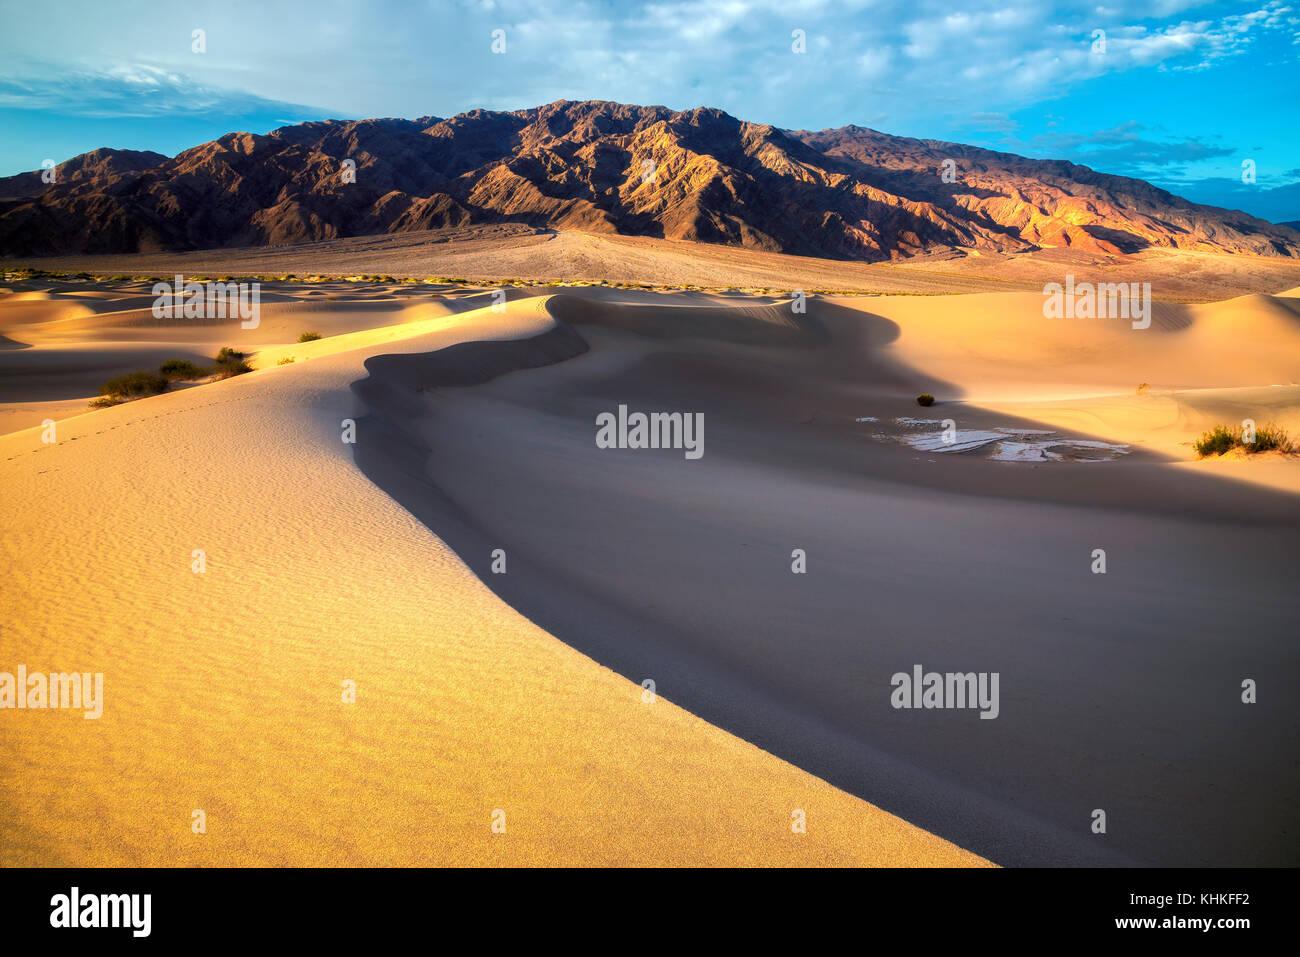 Dunes de sable dans le désert au lever du soleil Banque D'Images